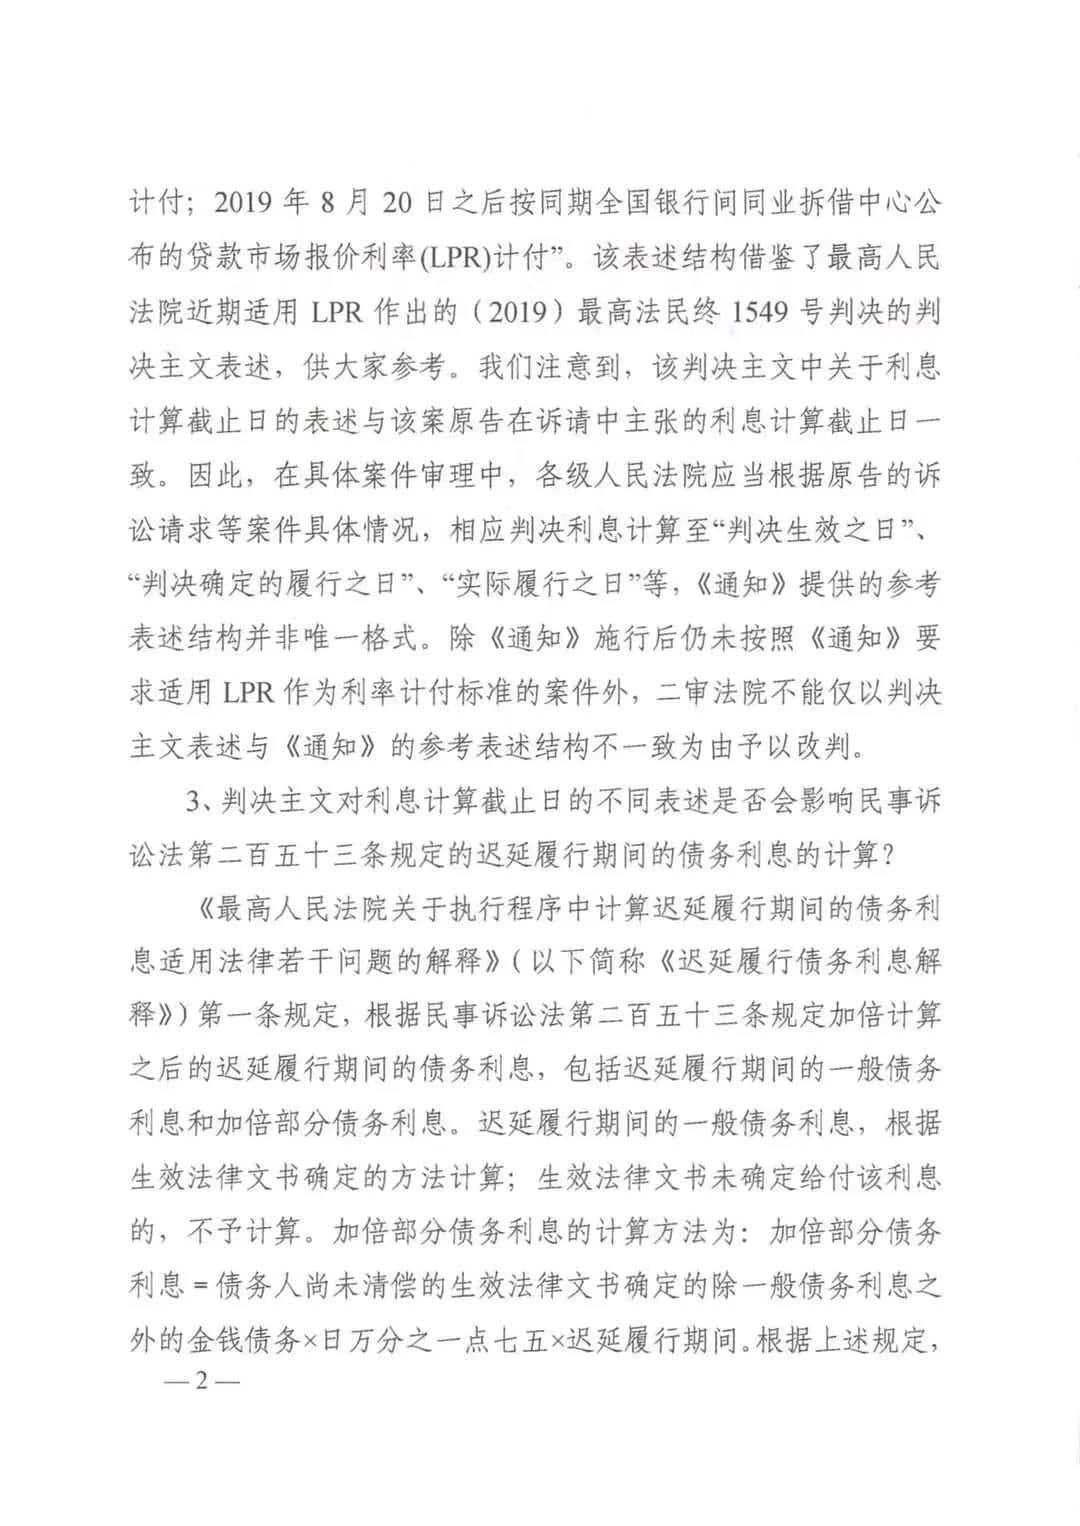 浙江高院关于适用在裁判中统一贷款利率计付标准的解答